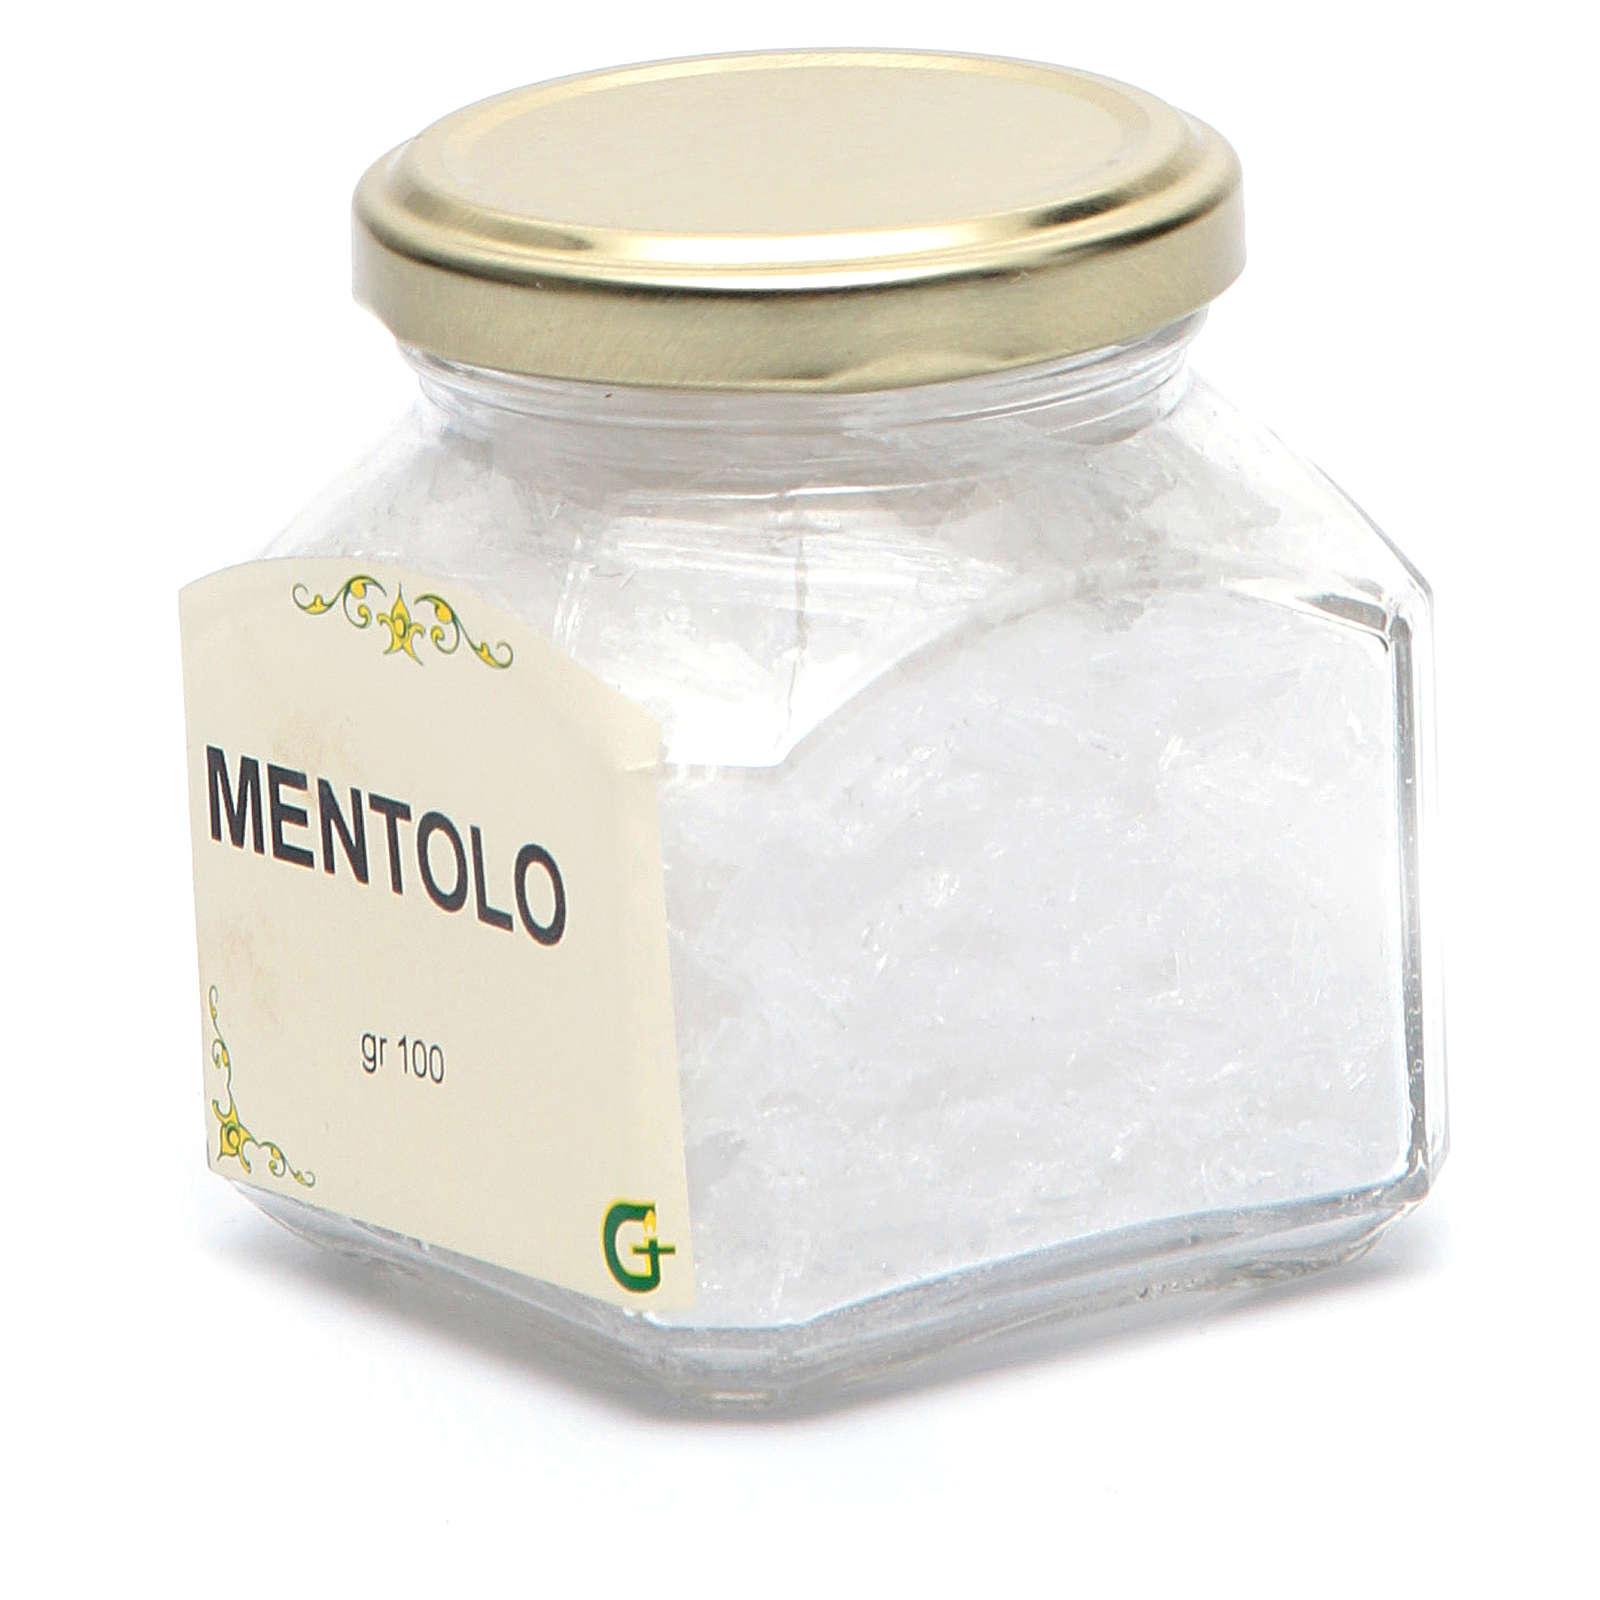 Mentolo 3